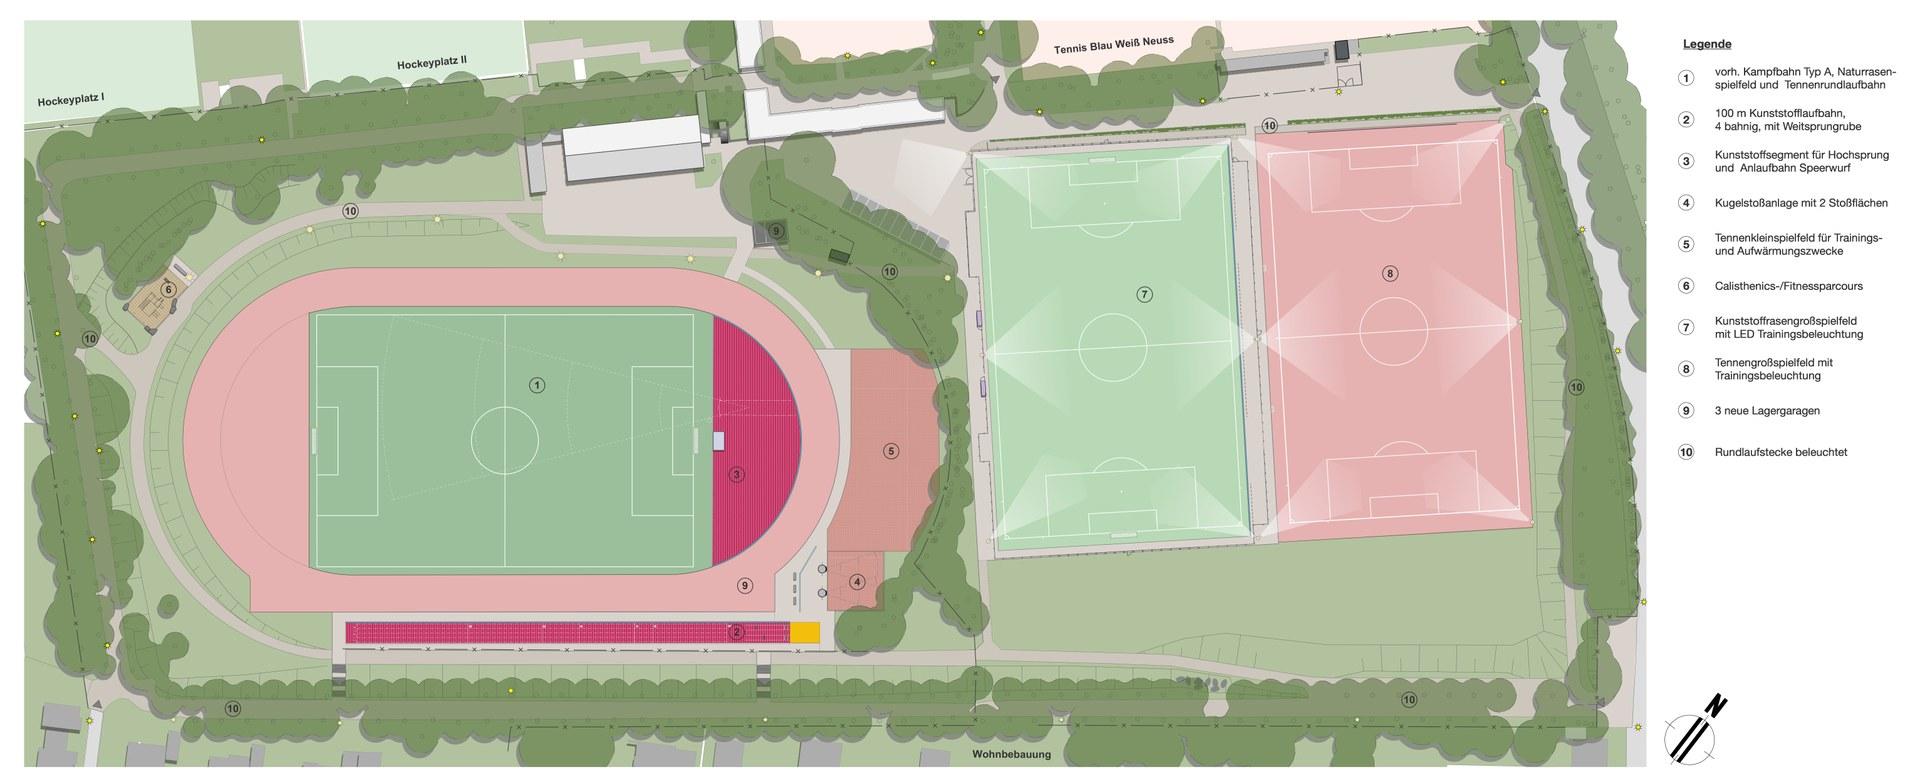 1785-3-Jahnstadion-200130_für Homepage.jpg